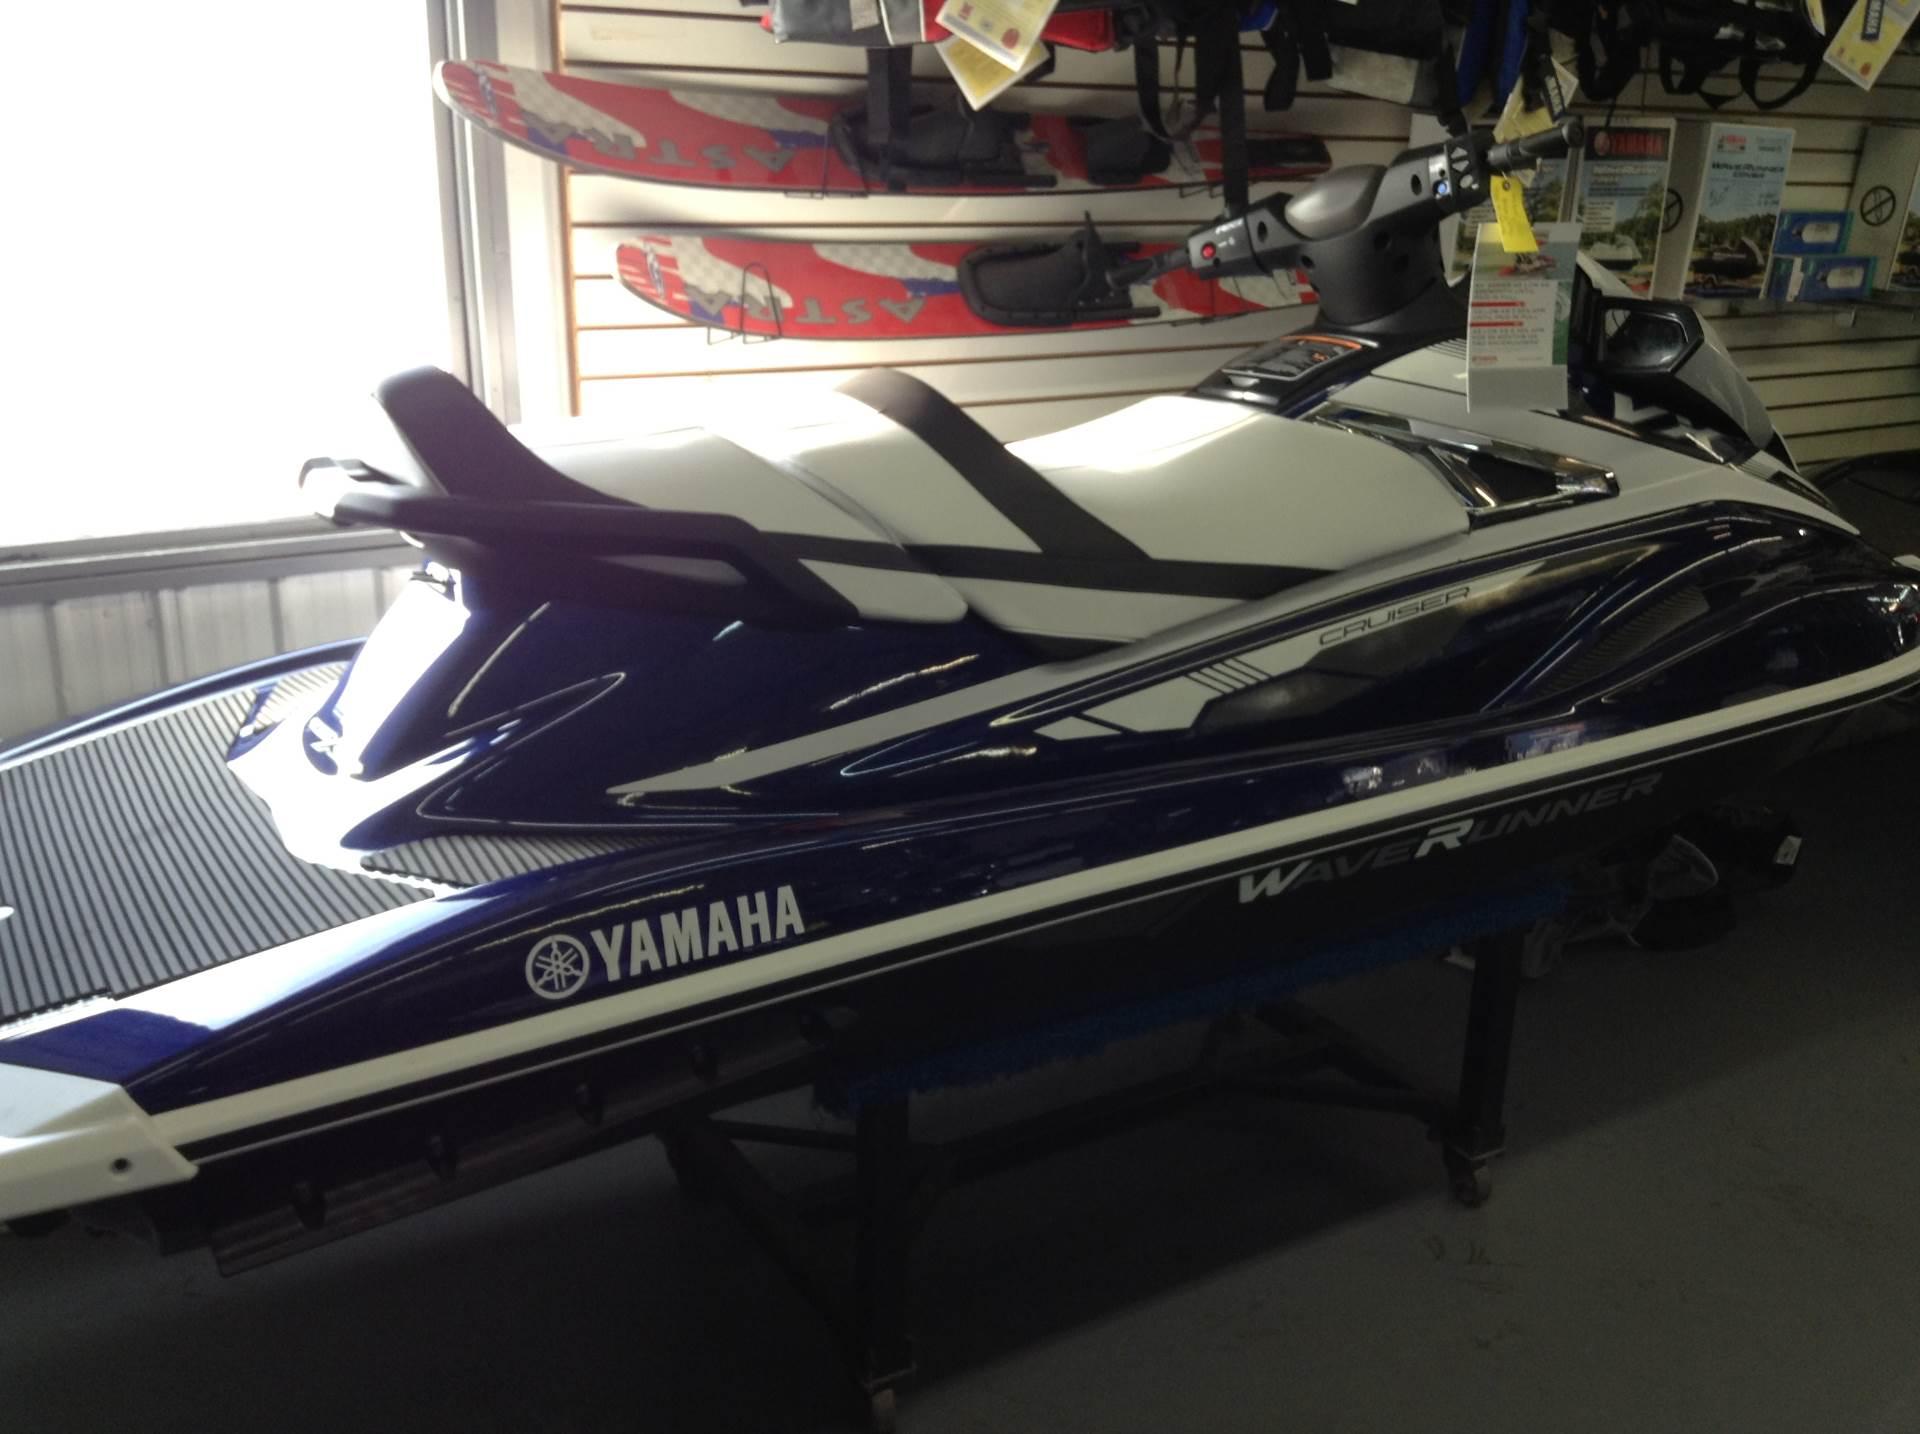 New 2018 Yamaha VX Cruiser Watercraft in Hutchinson MN